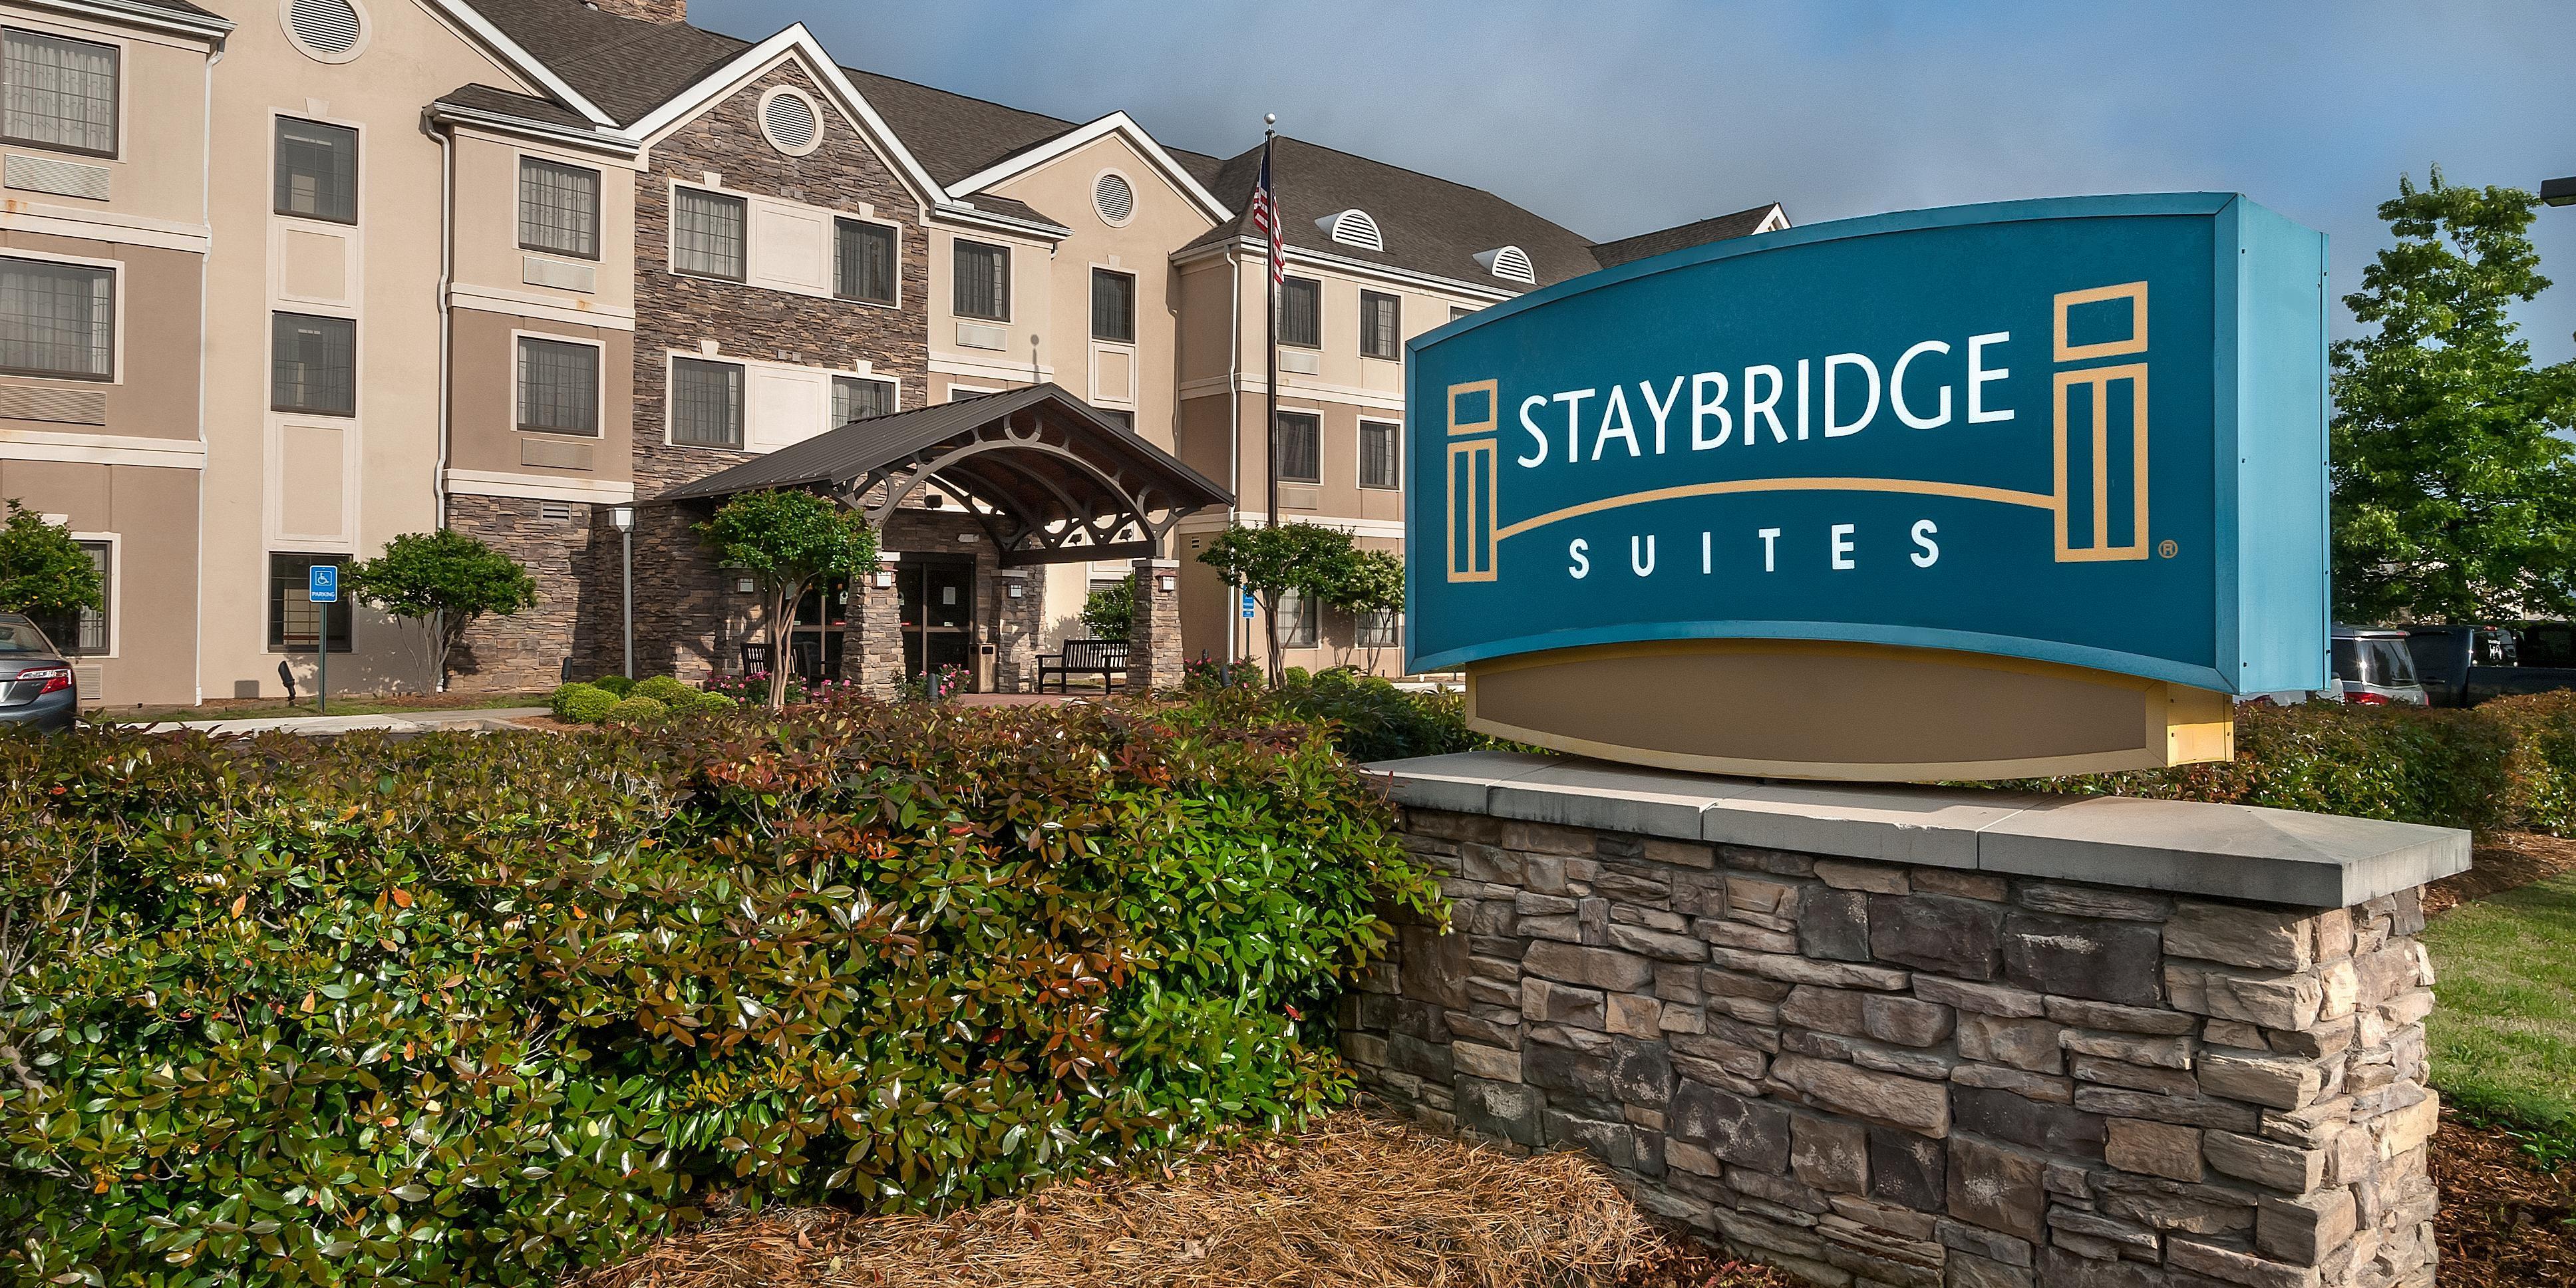 Staybridge Suites Jackson image 0